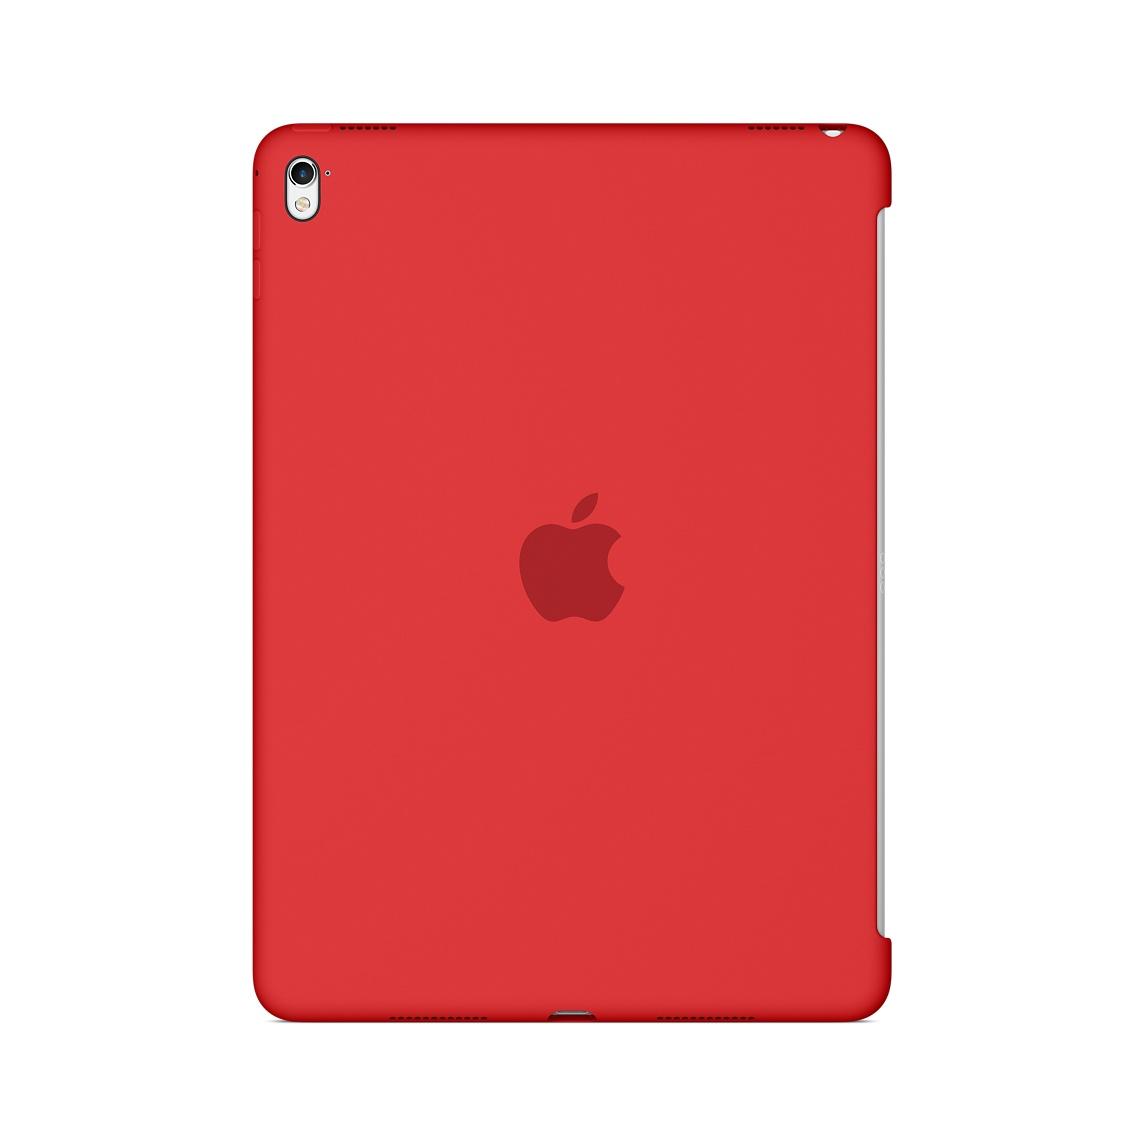 [全品エントリーでポイント10倍]Apple(アップル)純正 iPad Pro 9.7インチ シリコーンケース (PRODUCT)RED レッド MM222FE/A MM222FEA